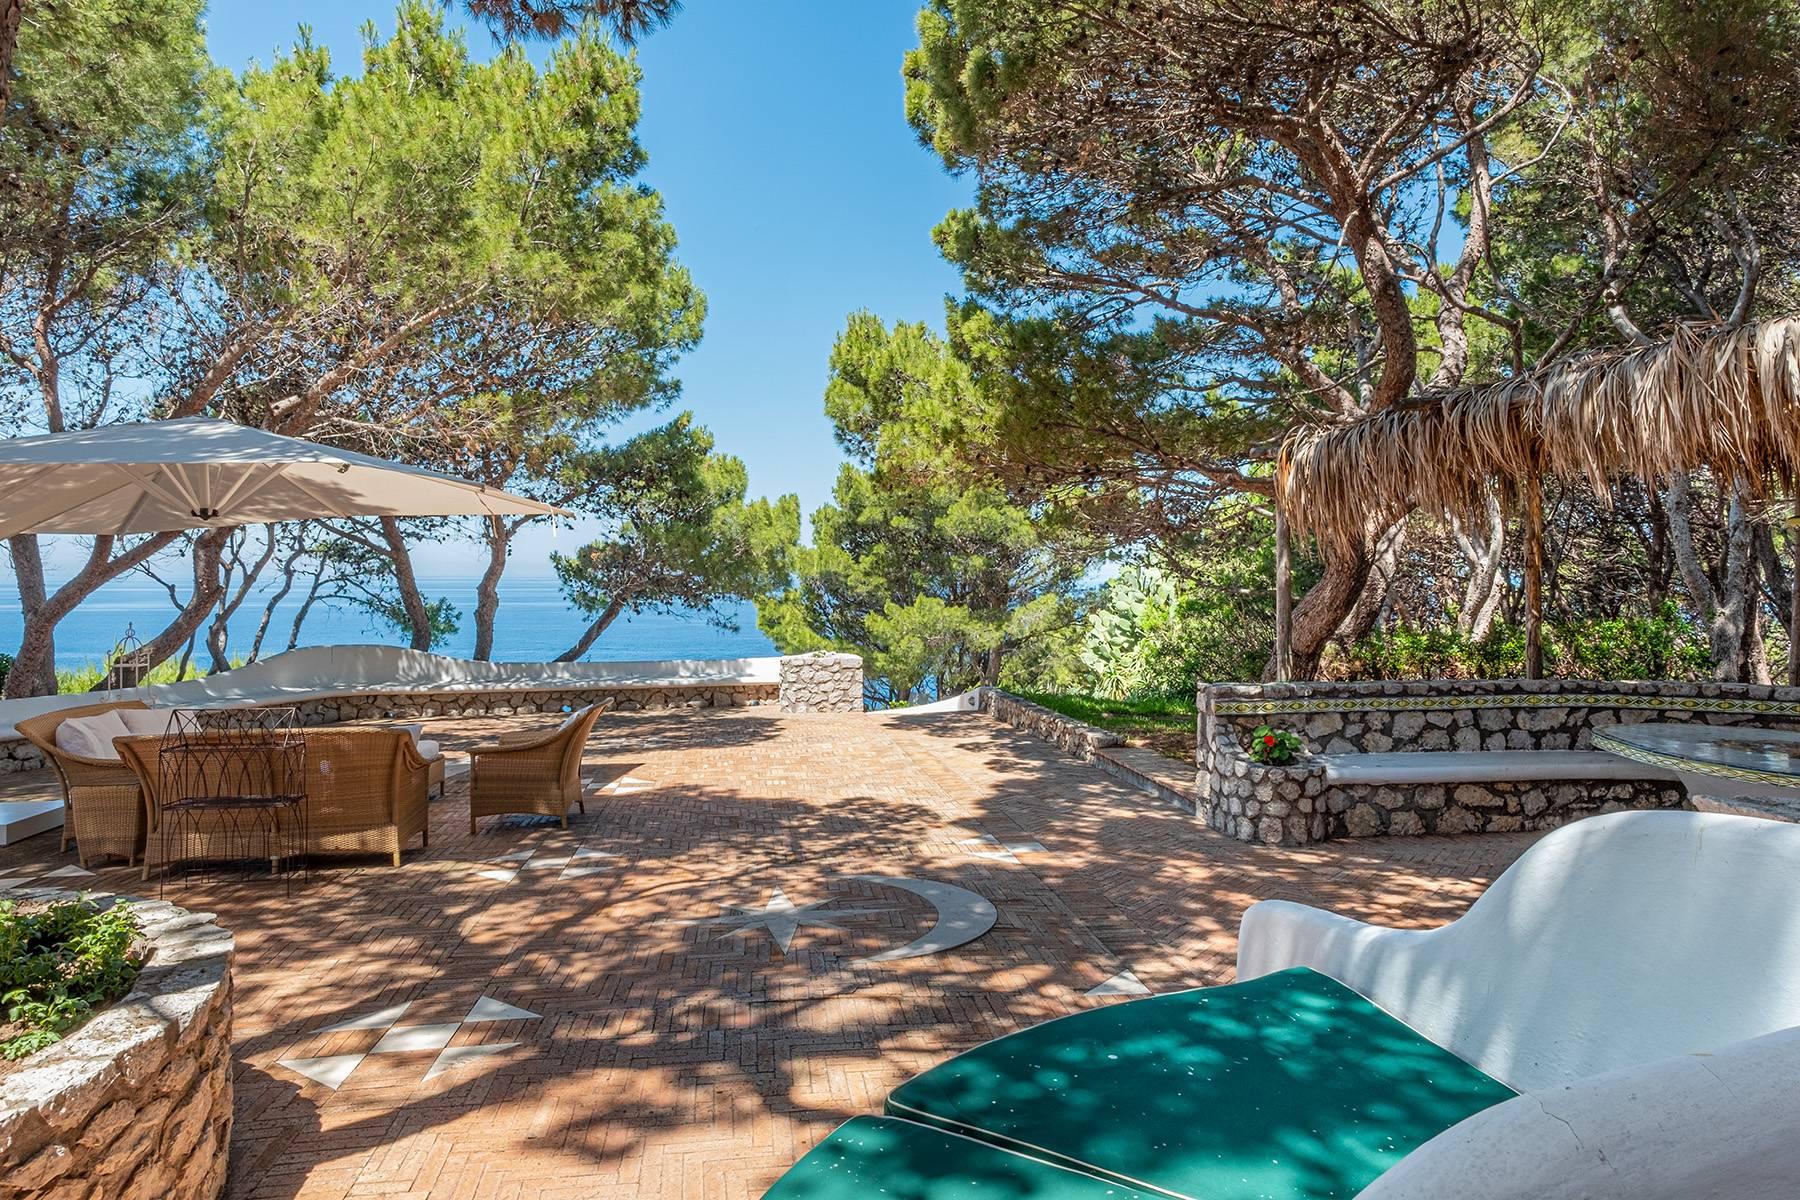 Villa in Vendita a Anacapri: 5 locali, 160 mq - Foto 3